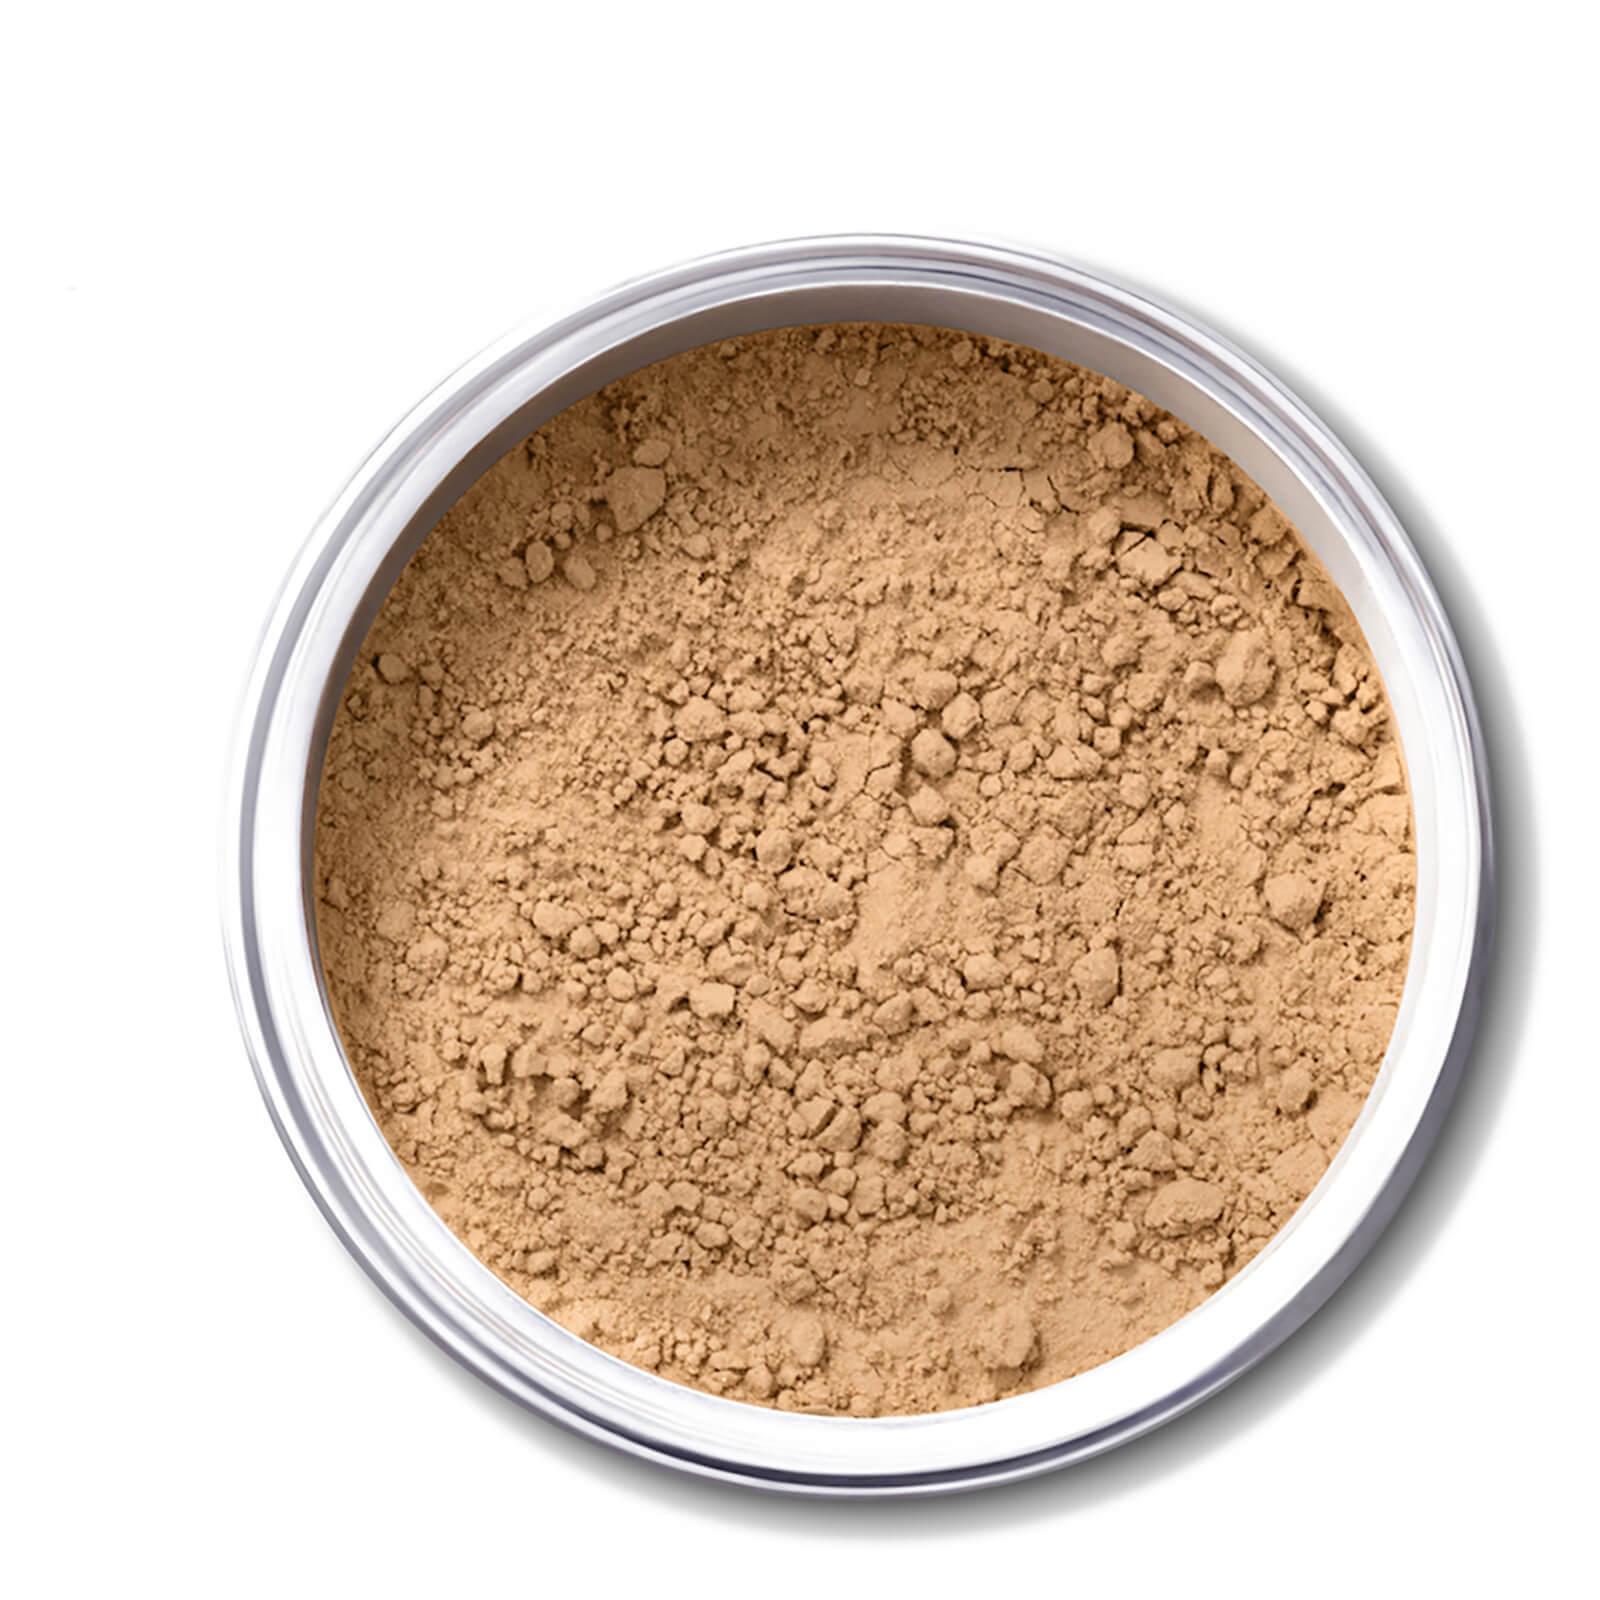 Купить Рассыпчатая пудра-основа EX1 Cosmetics Pure Crushed Mineral Powder Foundation 8 г (различные оттенки) - 5.0